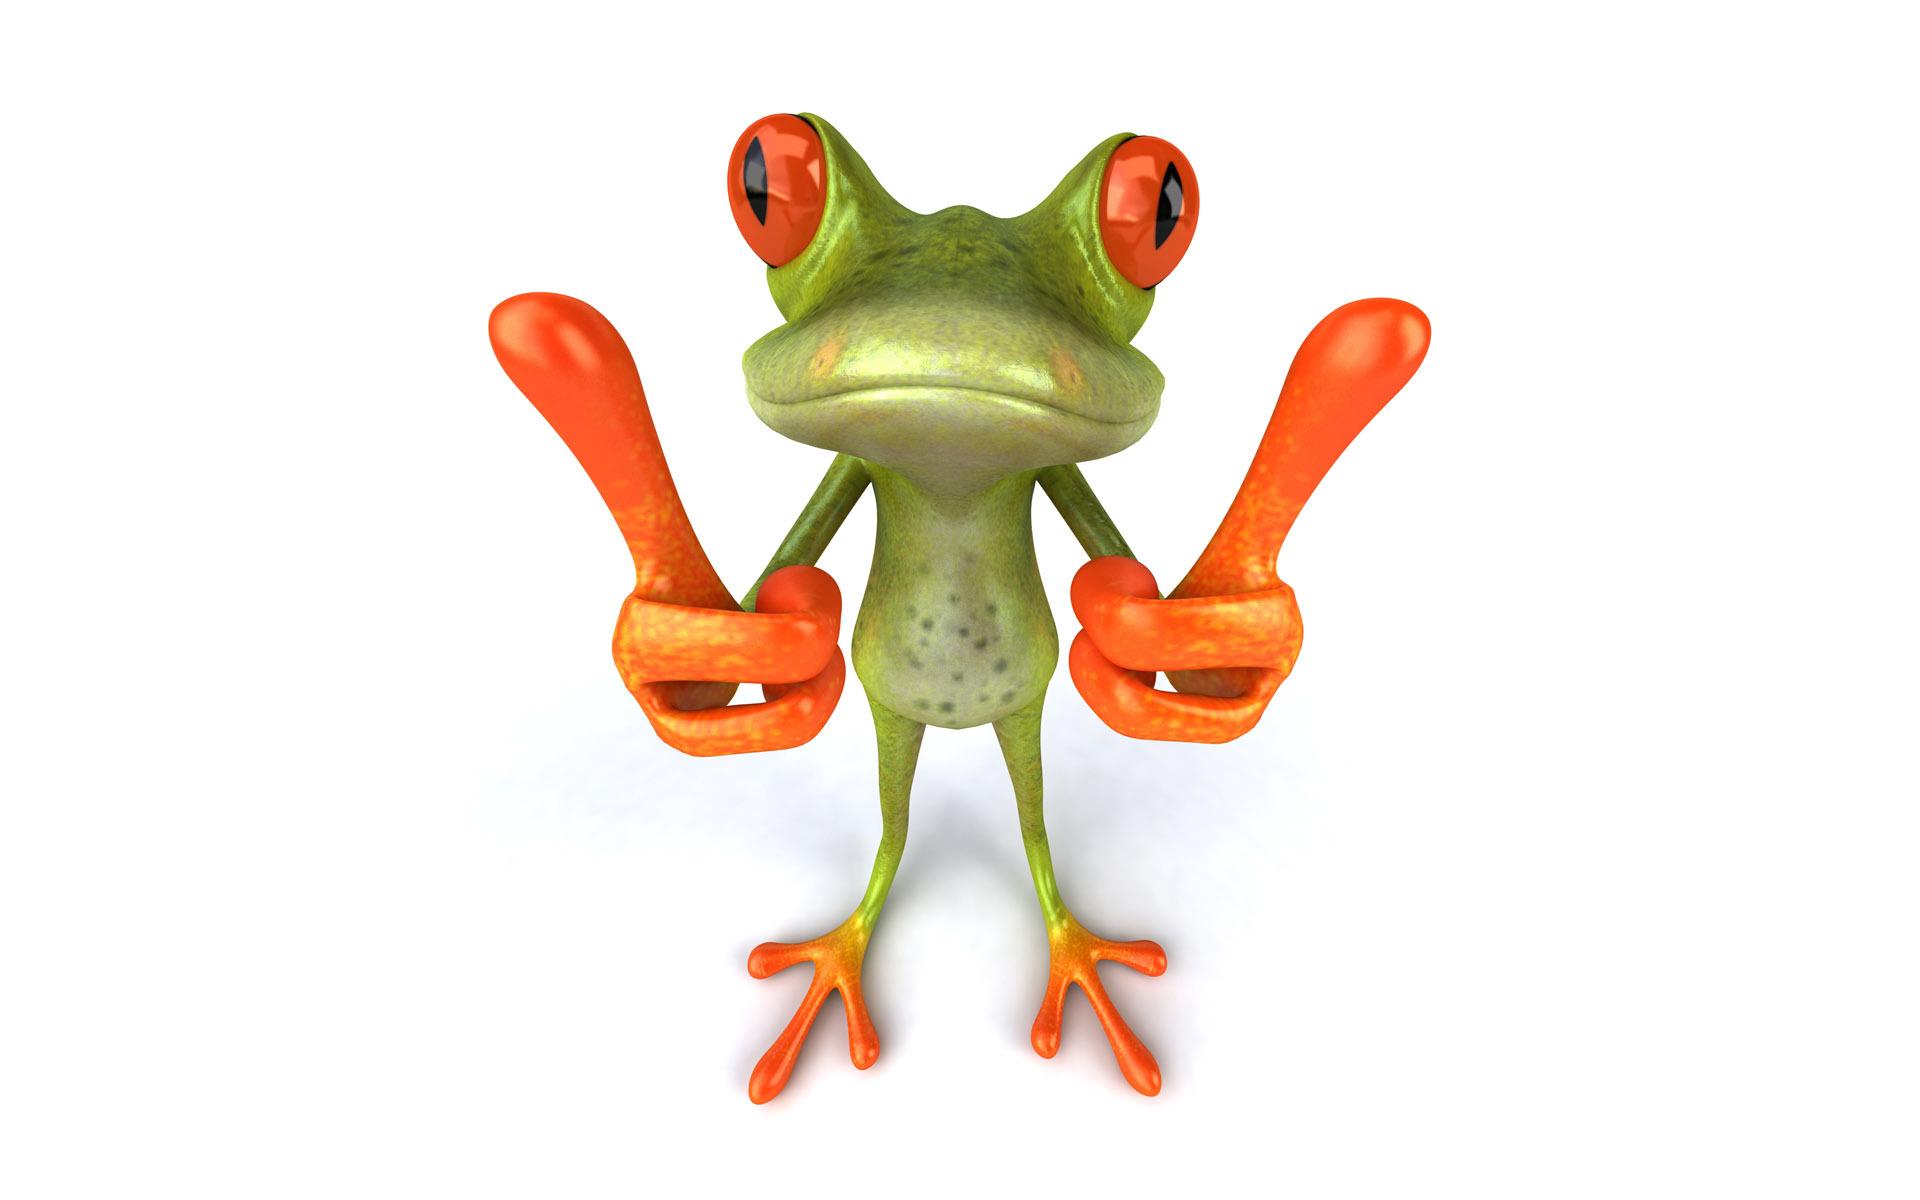 12975 Hintergrundbild herunterladen Humor, Tiere, Frösche - Bildschirmschoner und Bilder kostenlos